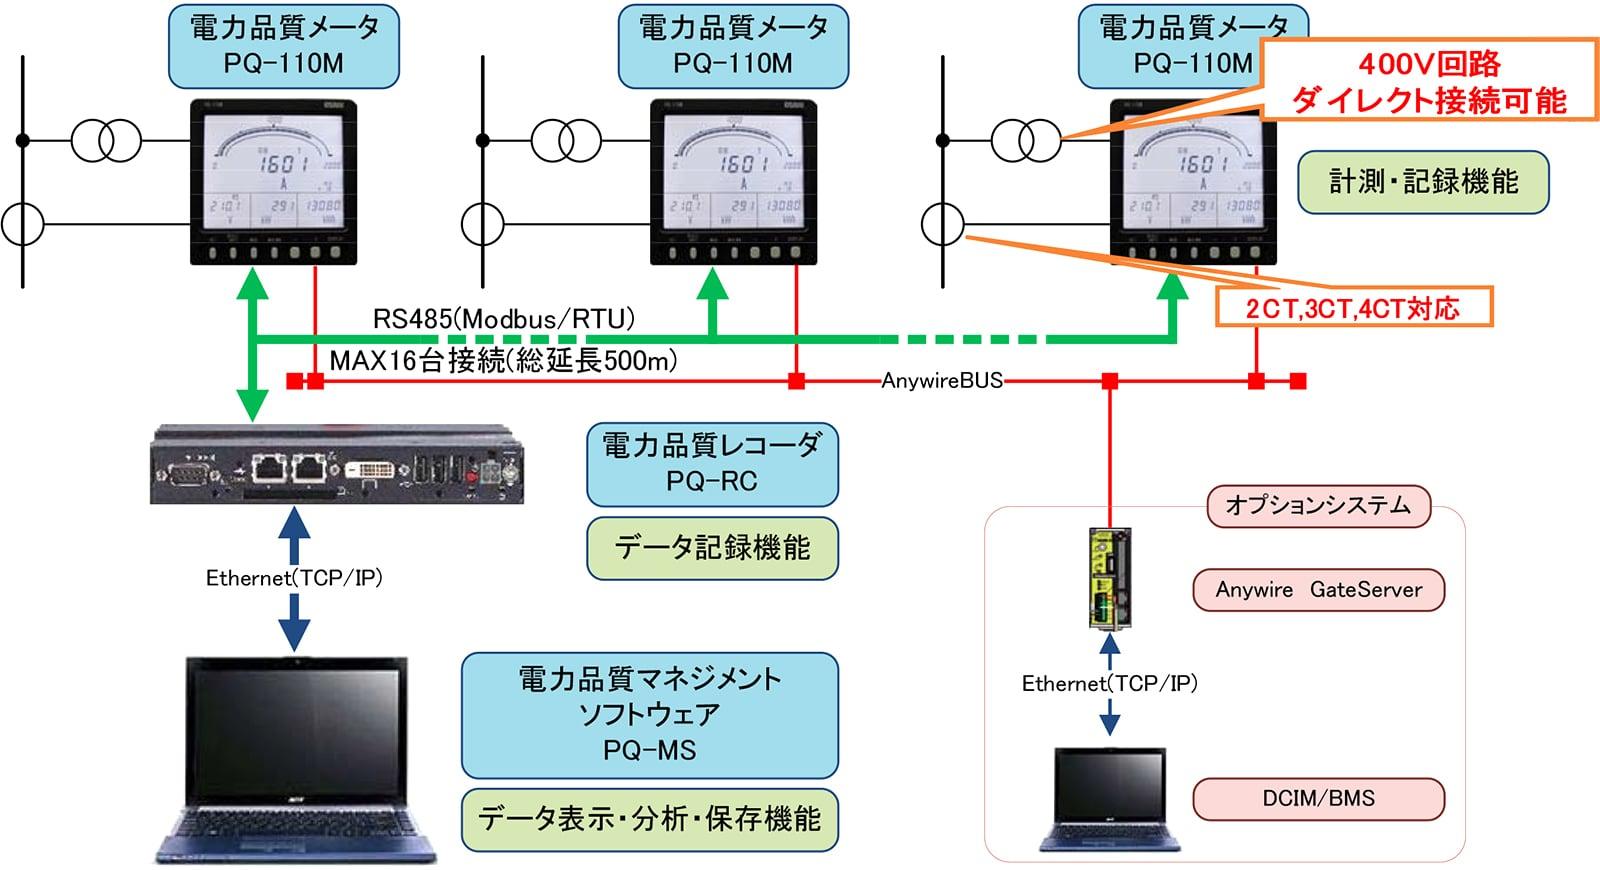 電力品質マネジメントシステム構成